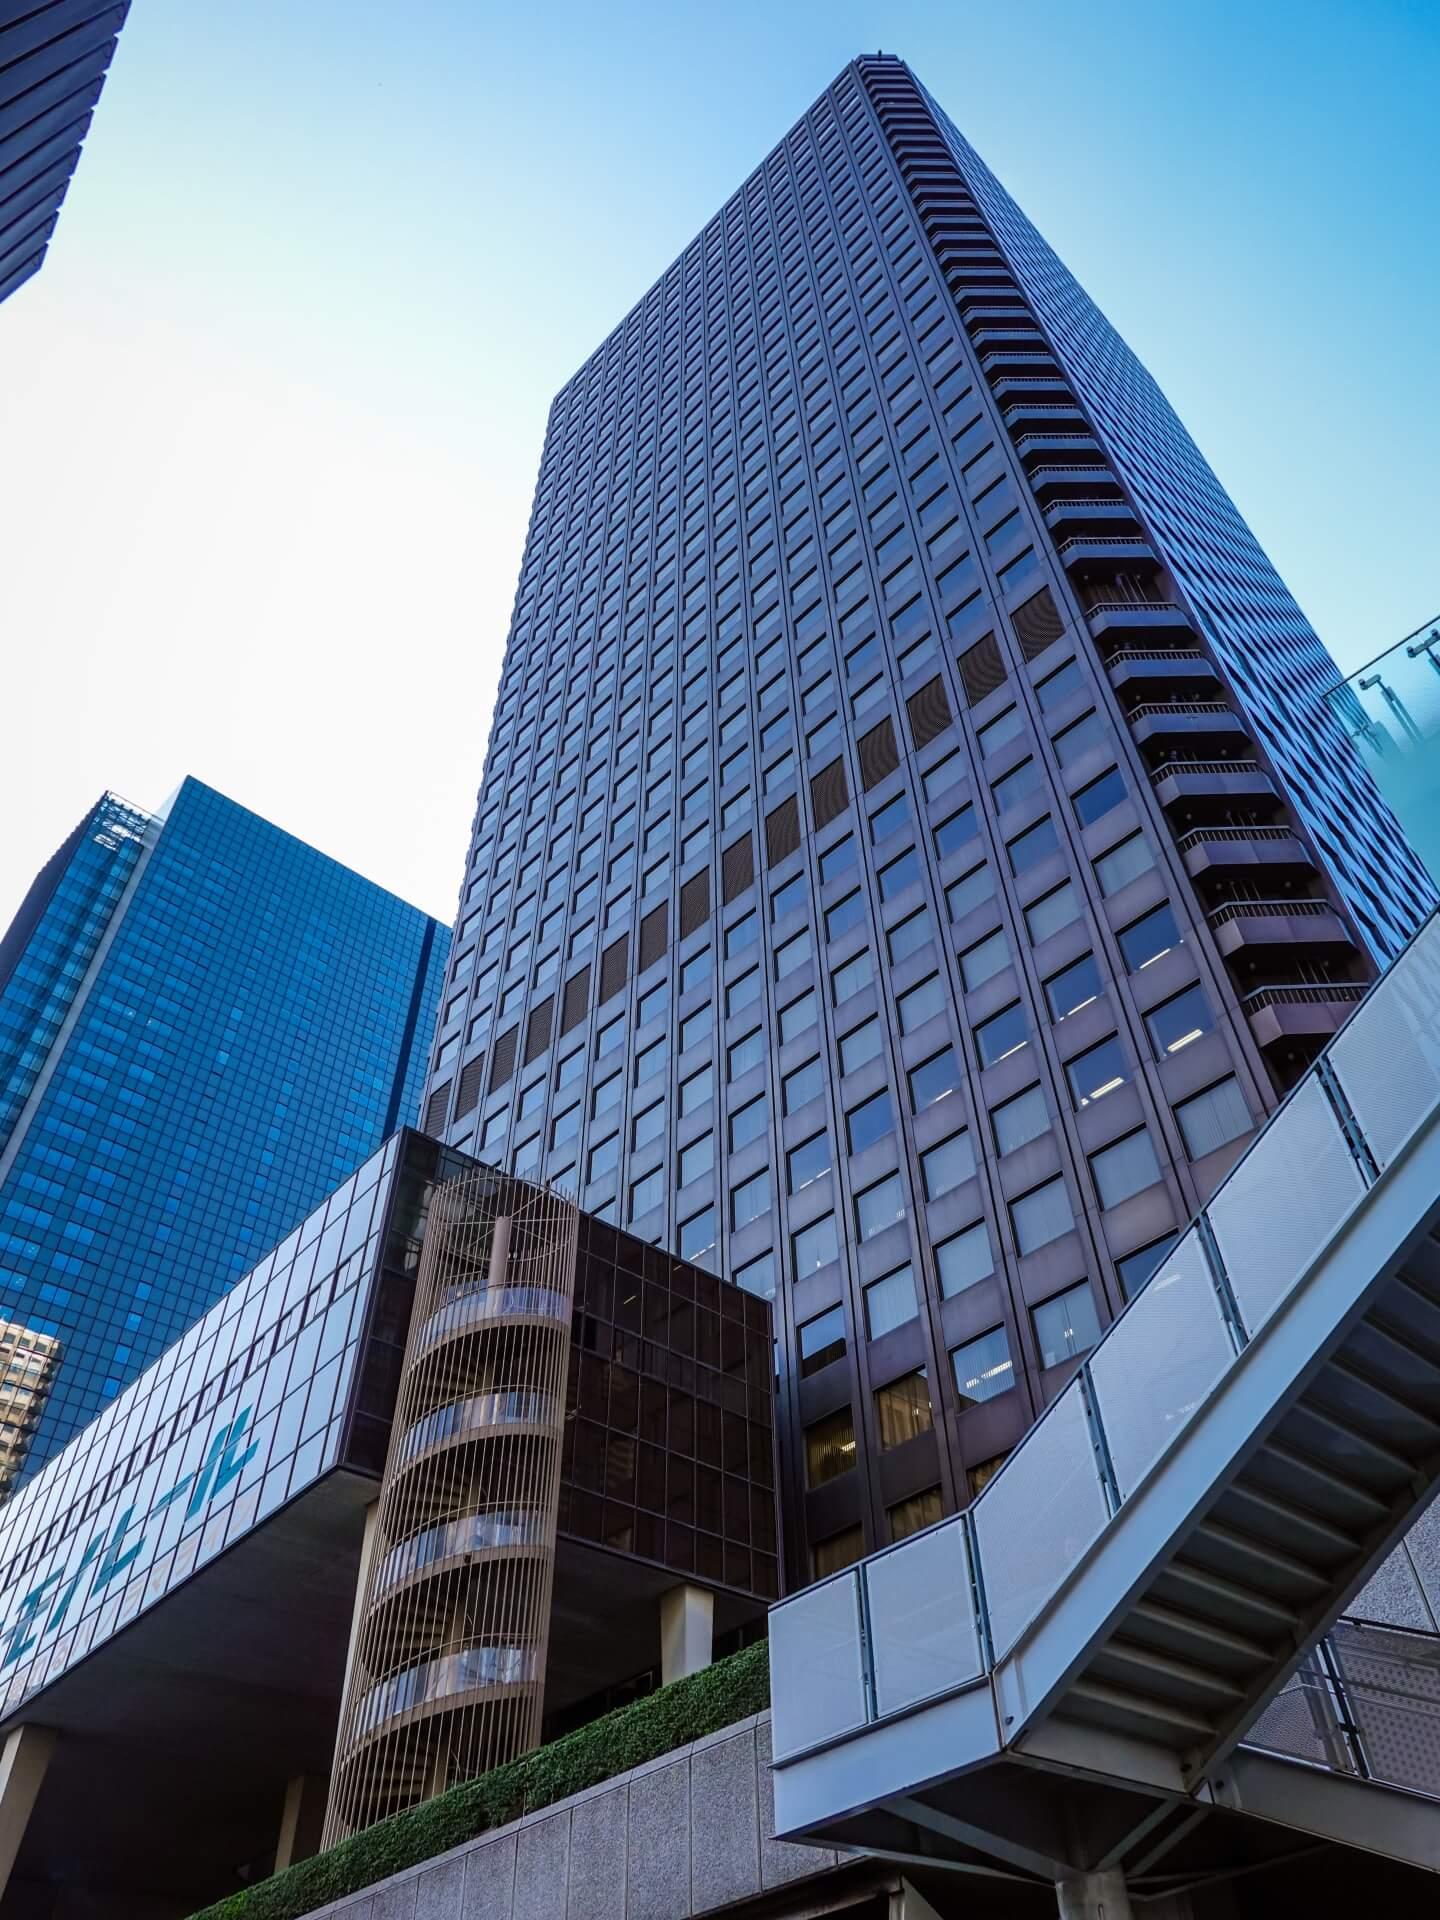 日本一高かった超高層ビルを解体せよ!建物に竪穴を開けて解体部分を降ろす新工法~10月8日「くにまるジャパン極」